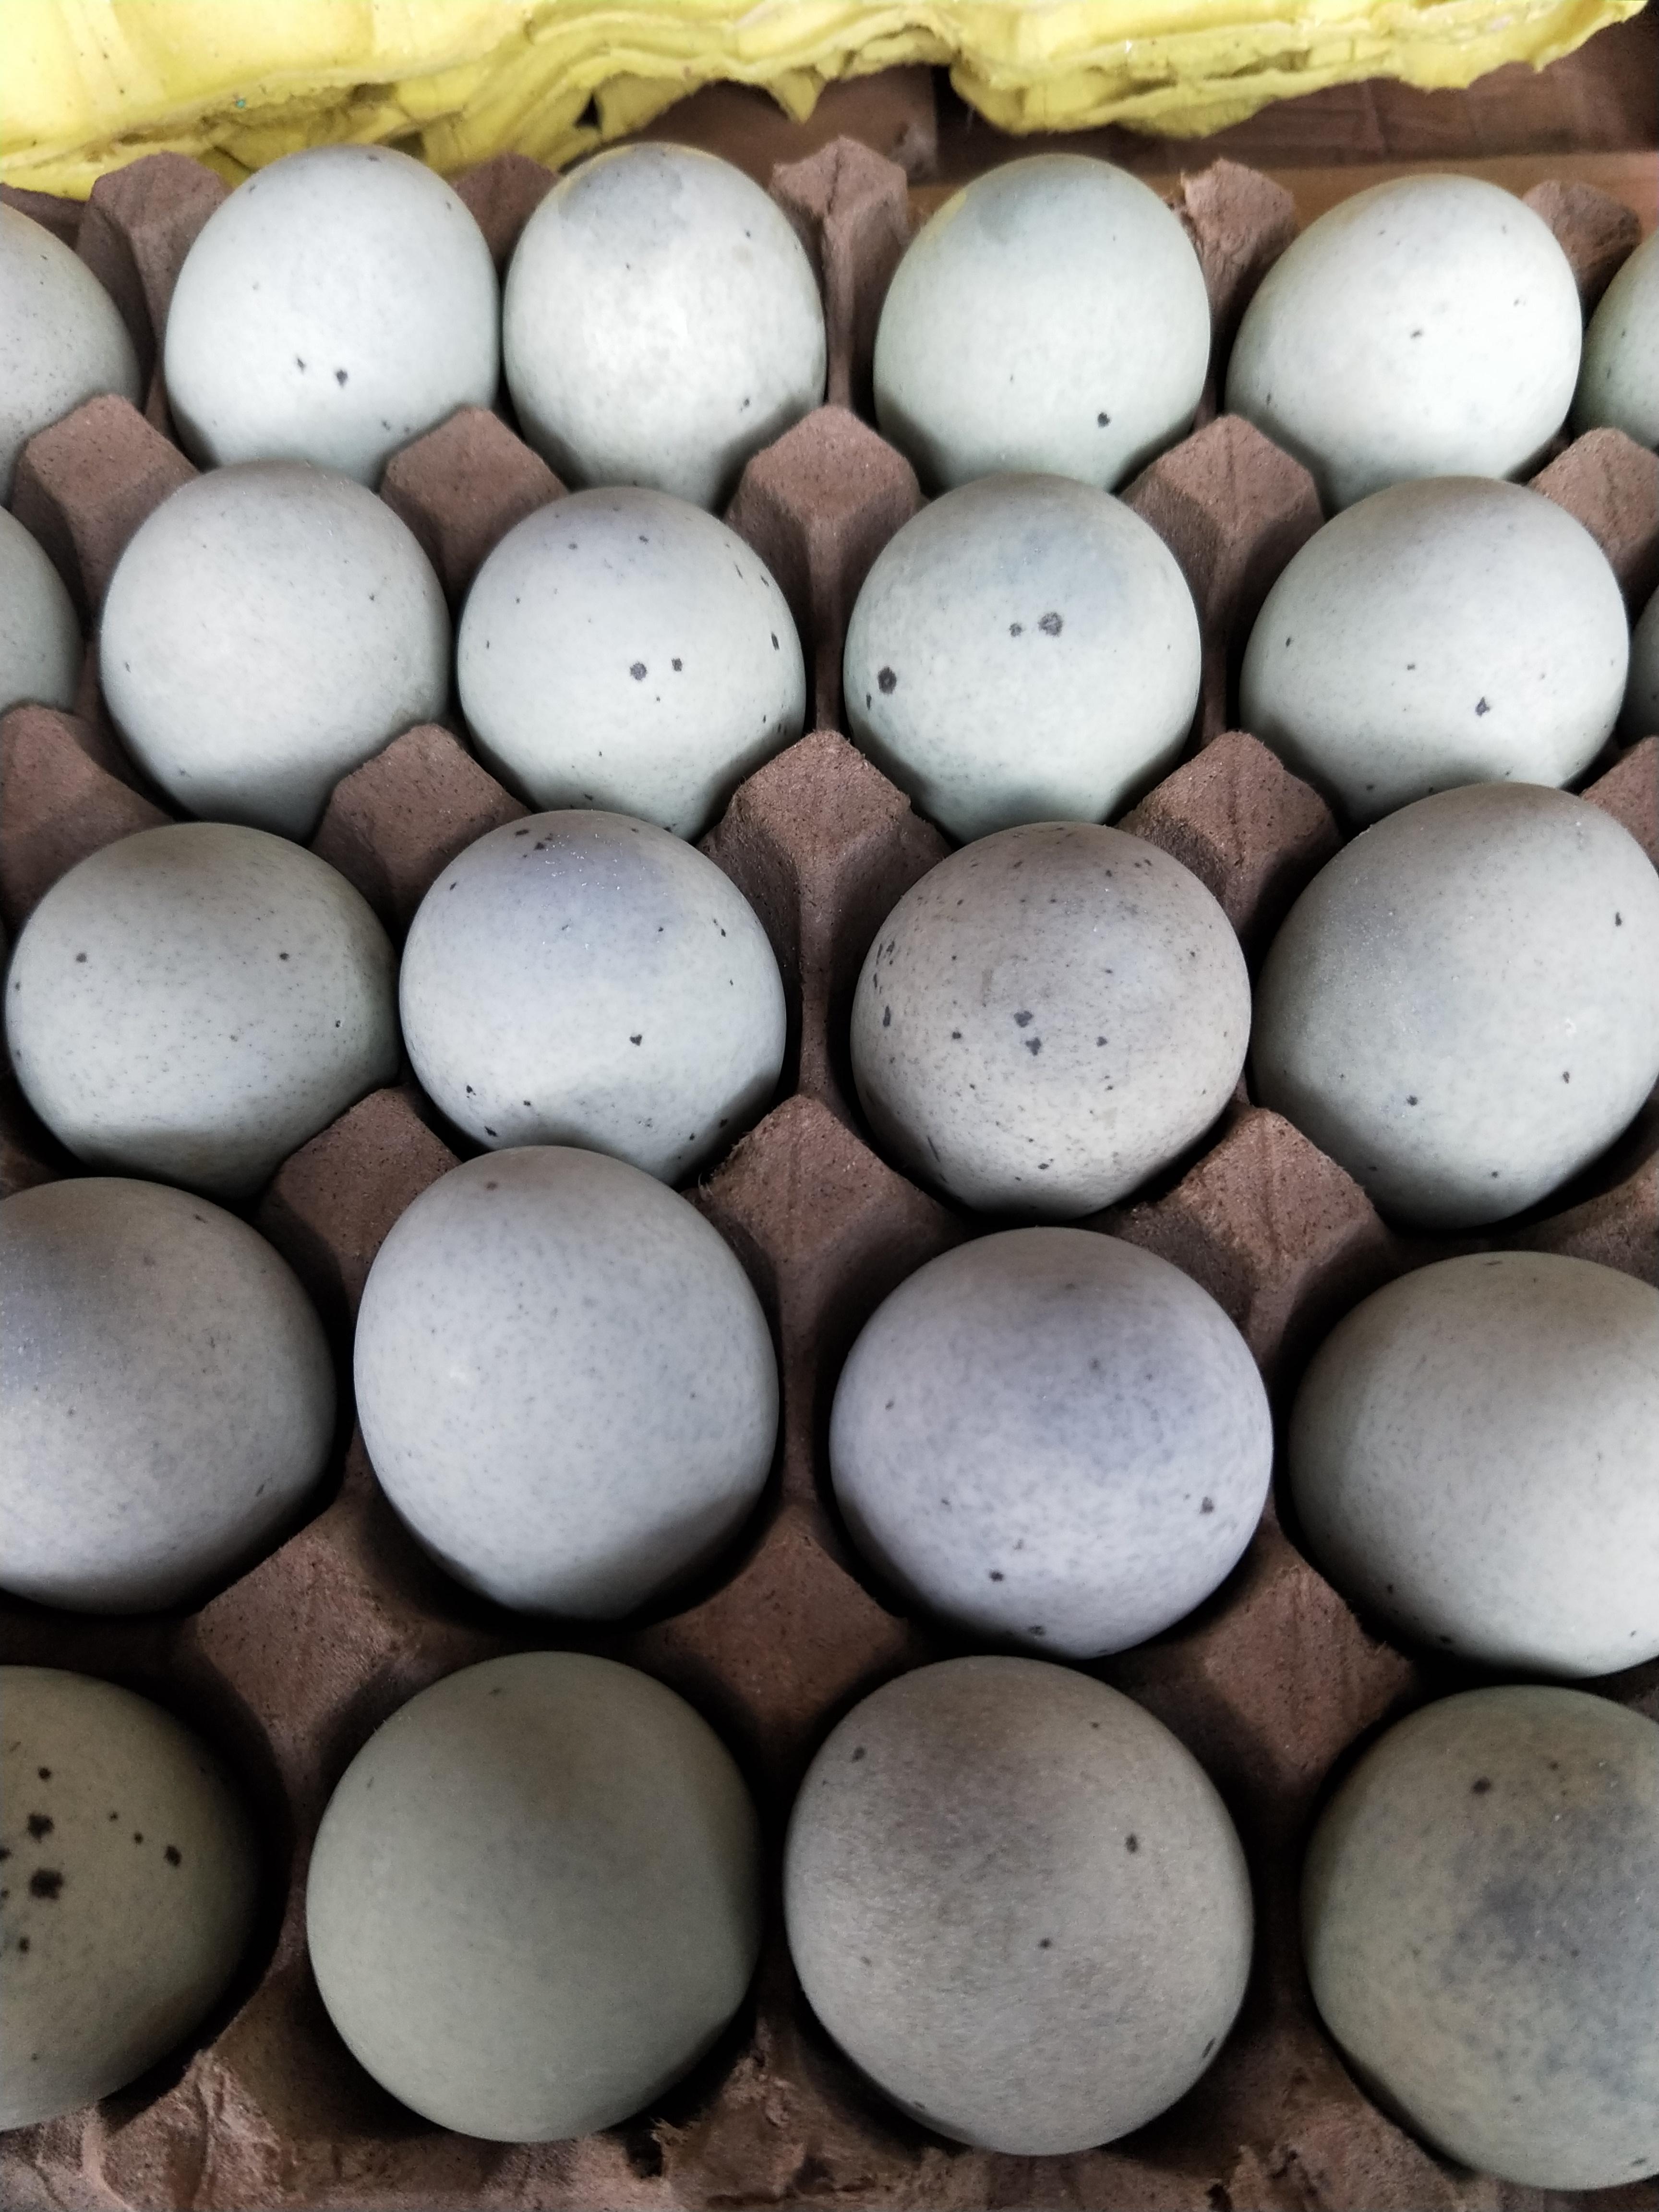 [松花皮蛋批发]松花皮蛋 价格1.25元/个